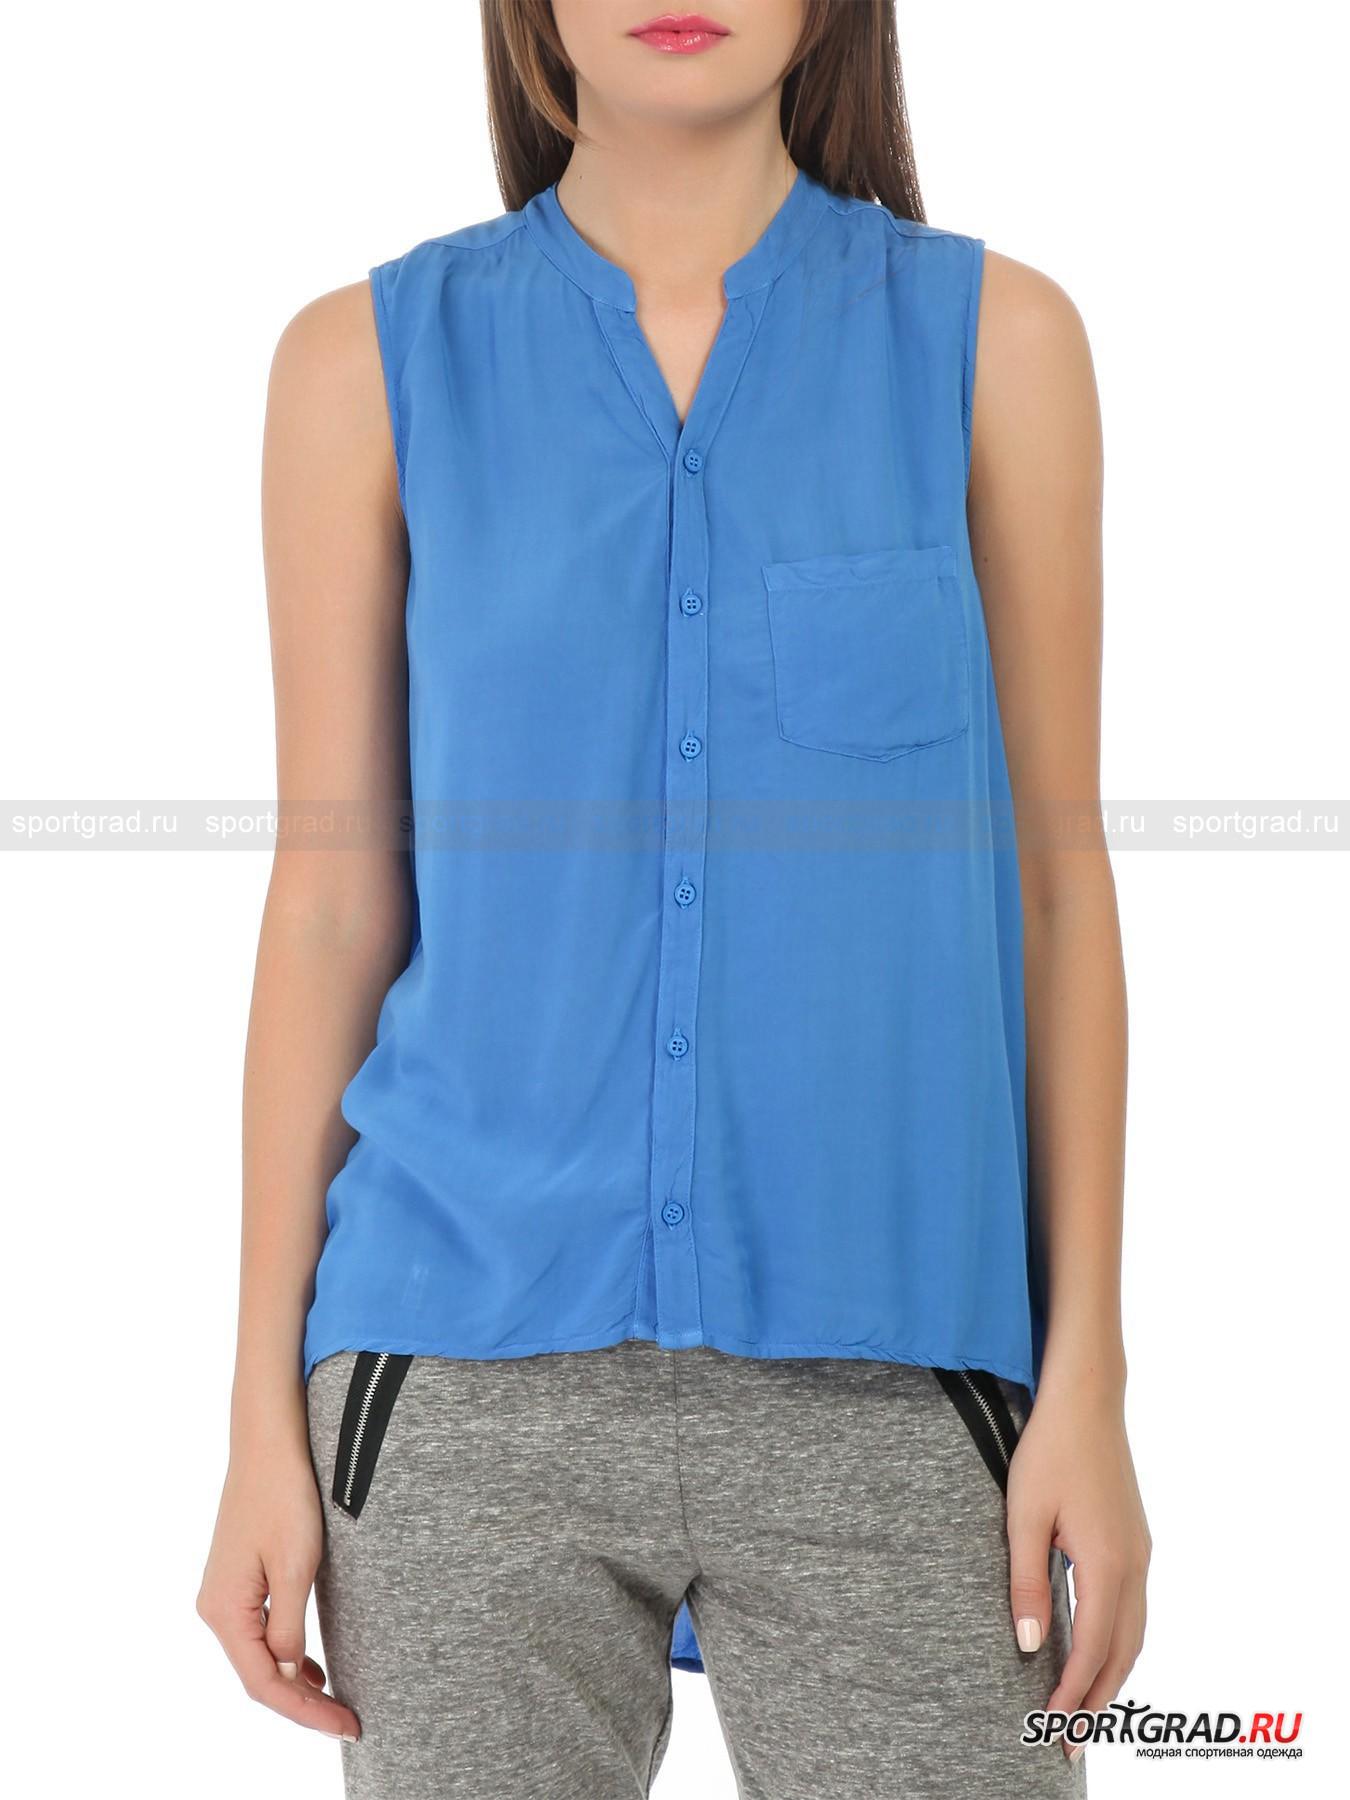 Женская блузка без рукавов купить